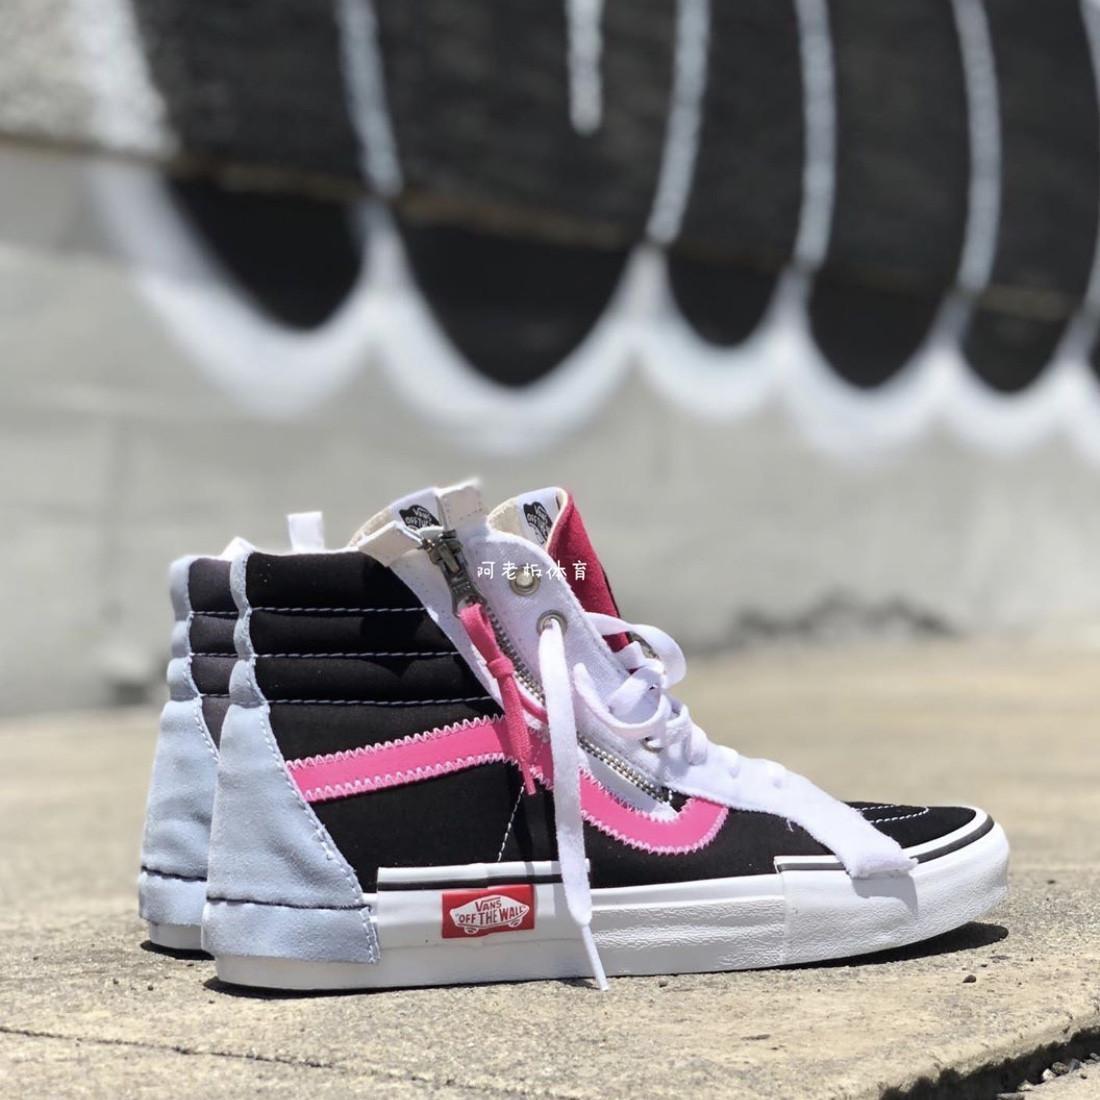 范斯Vans SK8-Hi Cap 解构高帮黑白灰黄红蓝黑粉色拼接男女滑板鞋12月01日最新优惠